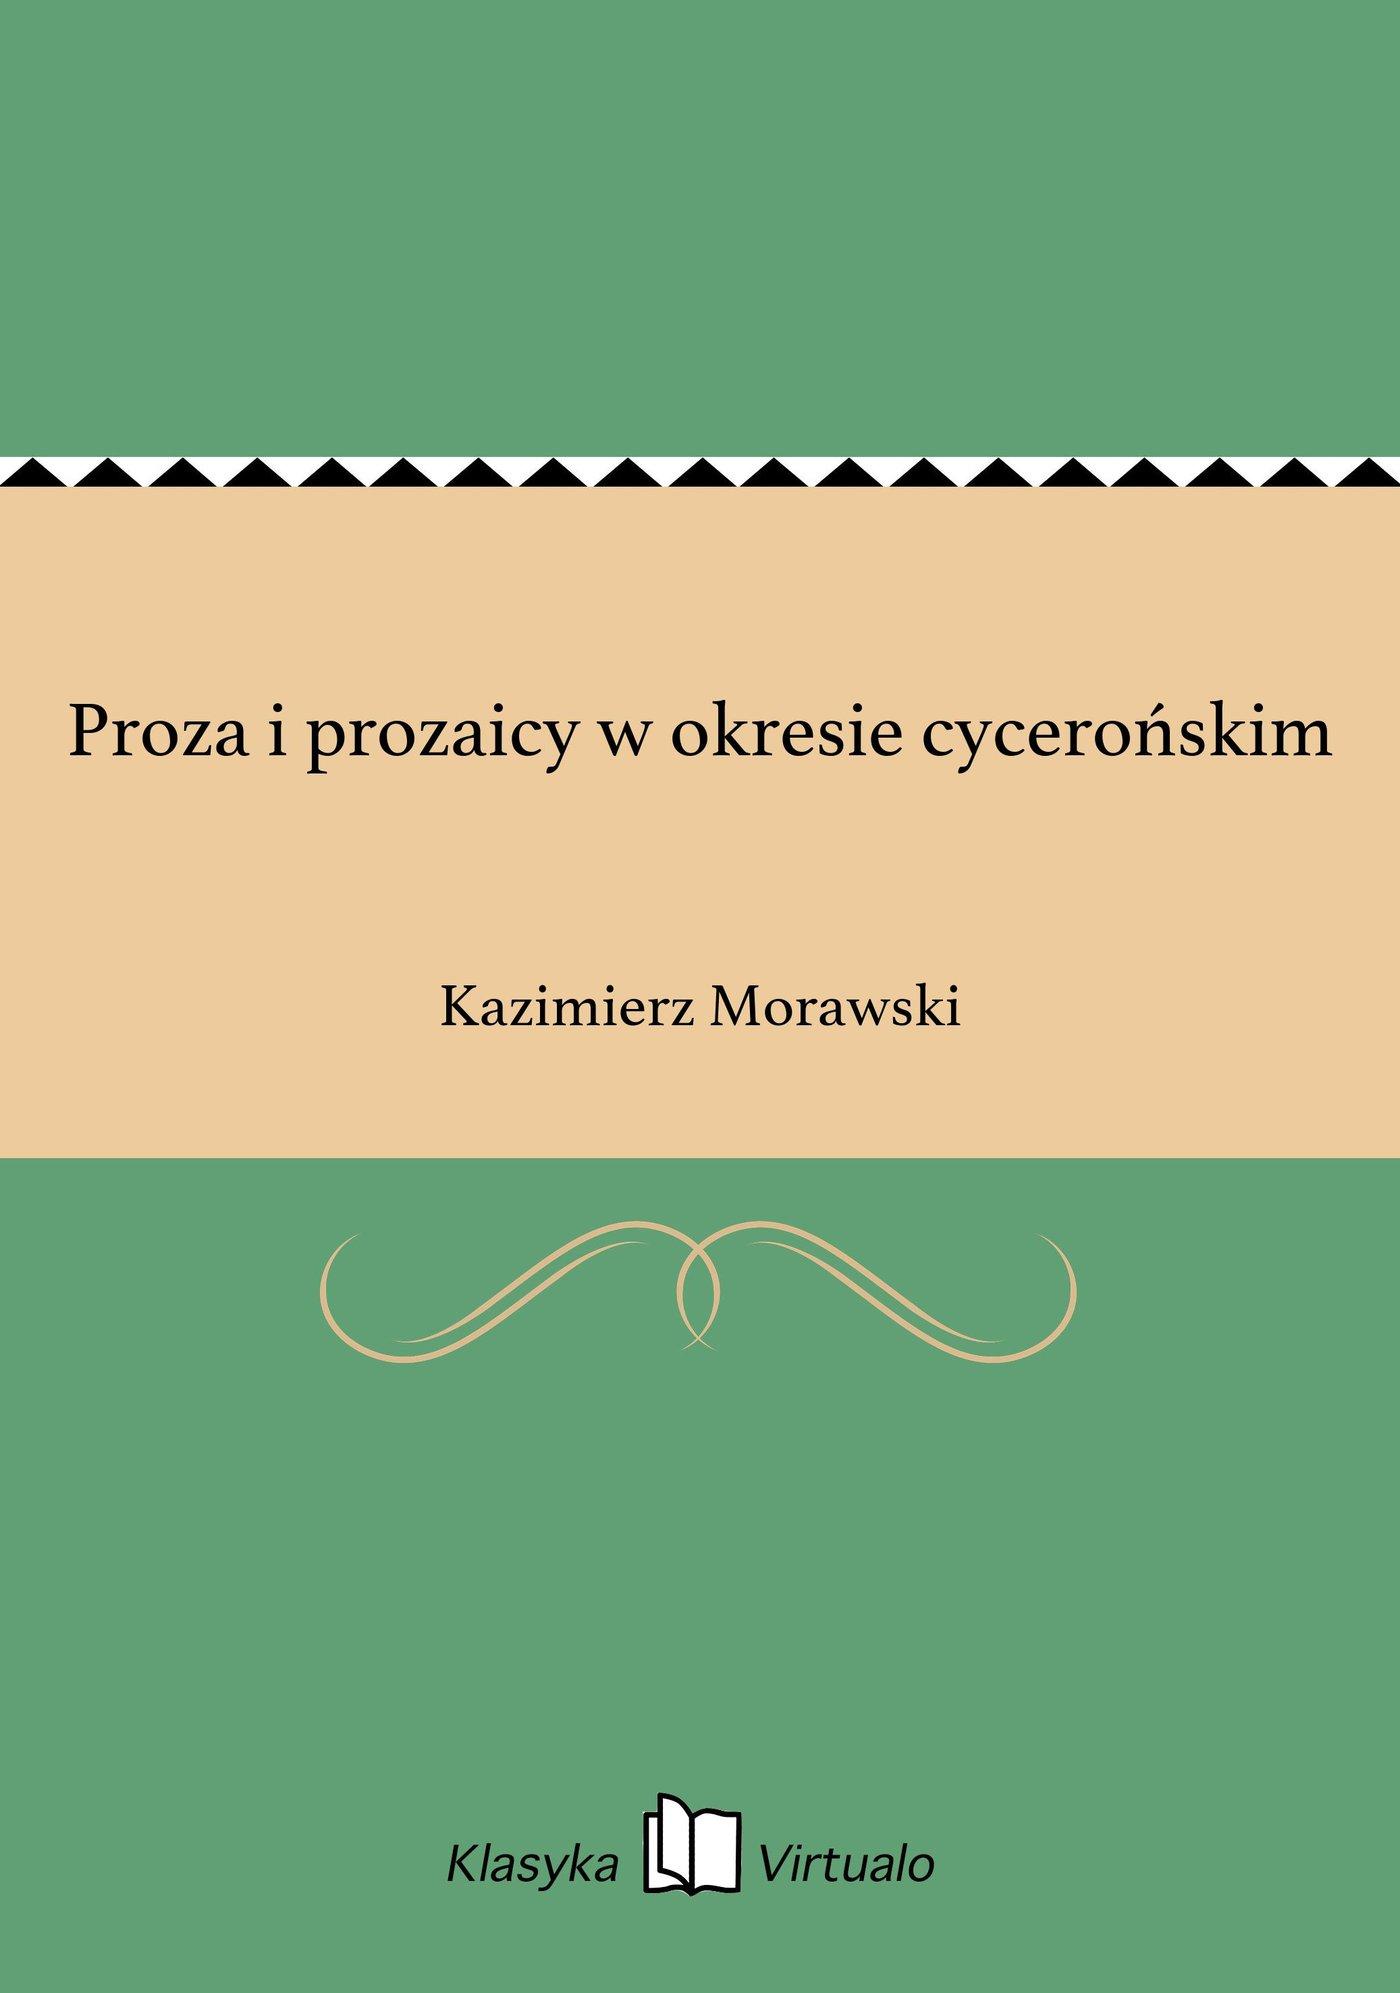 Proza i prozaicy w okresie cycerońskim - Ebook (Książka na Kindle) do pobrania w formacie MOBI